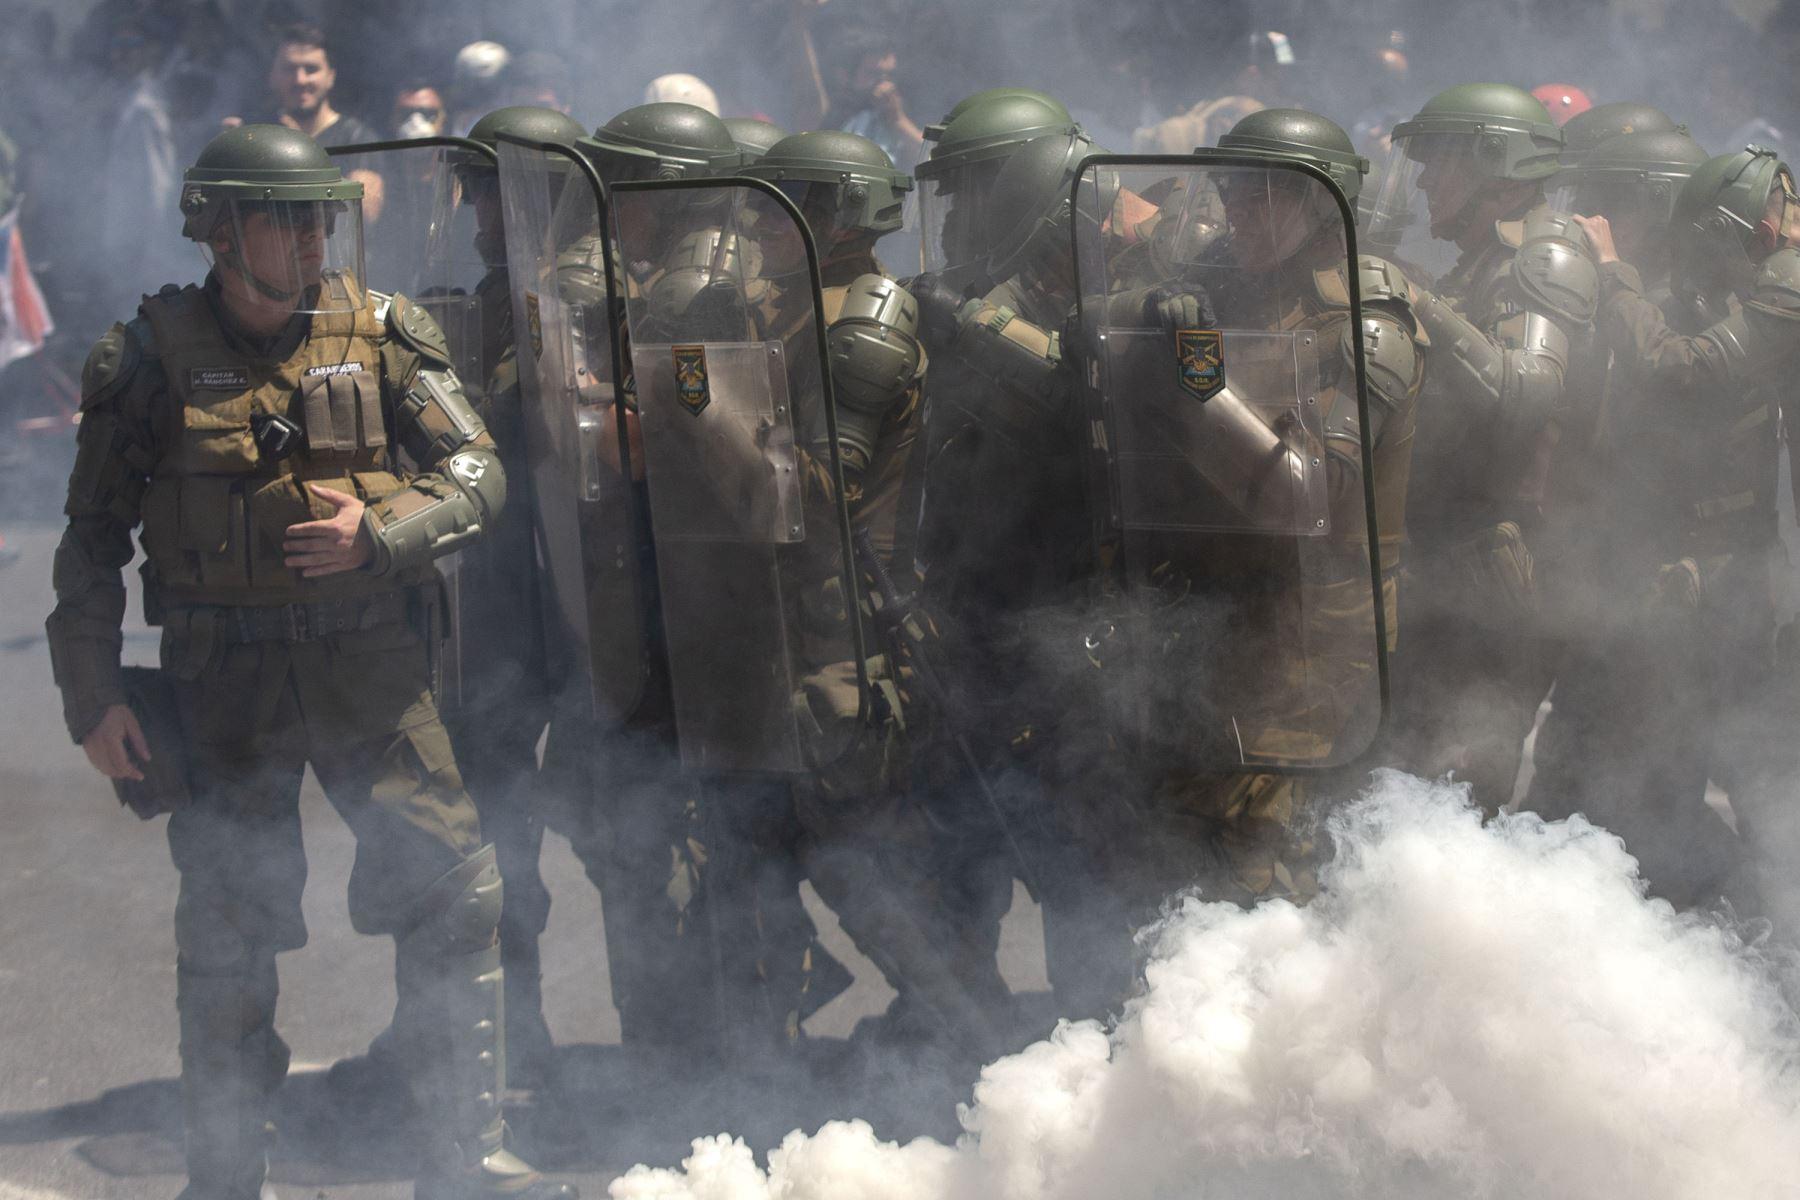 La policía antidisturbios se posicionó durante una protesta contra las políticas económicas del gobierno, cerca del Centro Costanera. Foto: AFP